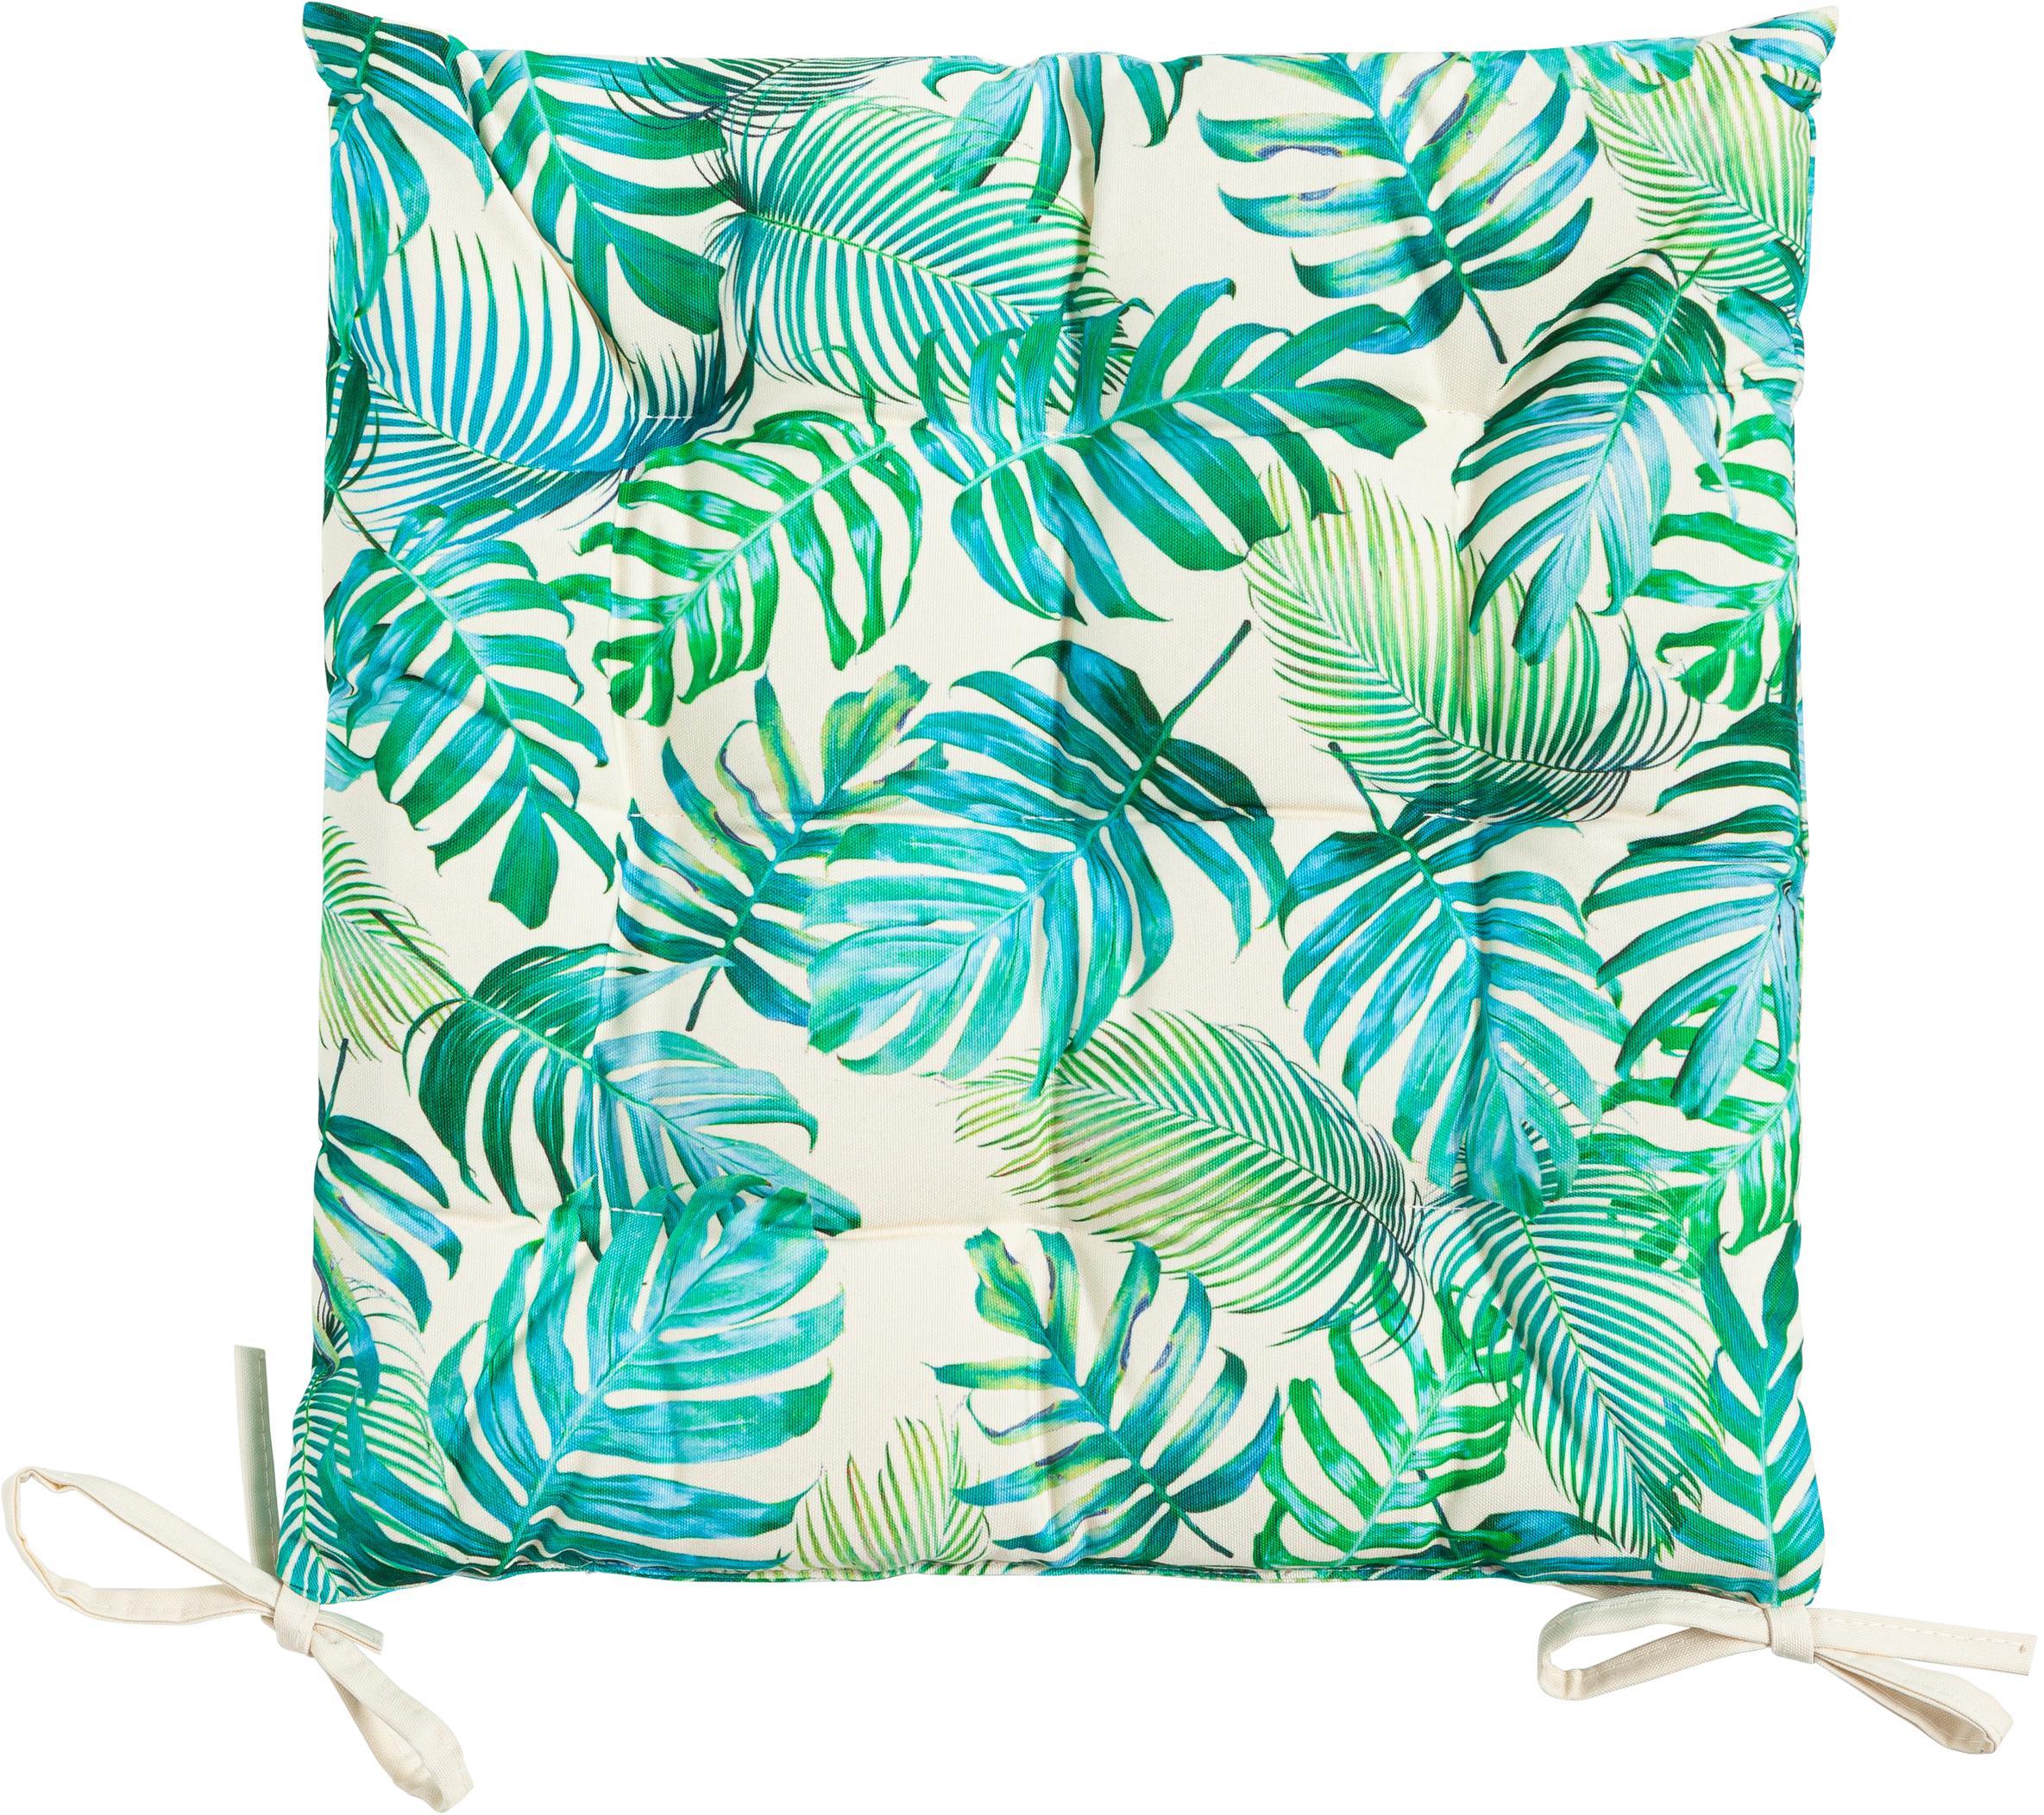 Outdoor-Sitzkissen Madeira mit Blattmuster, 100% Polyester, Gebrochenes Weiss, Blautöne, Grüntöne, 40 x 40 cm